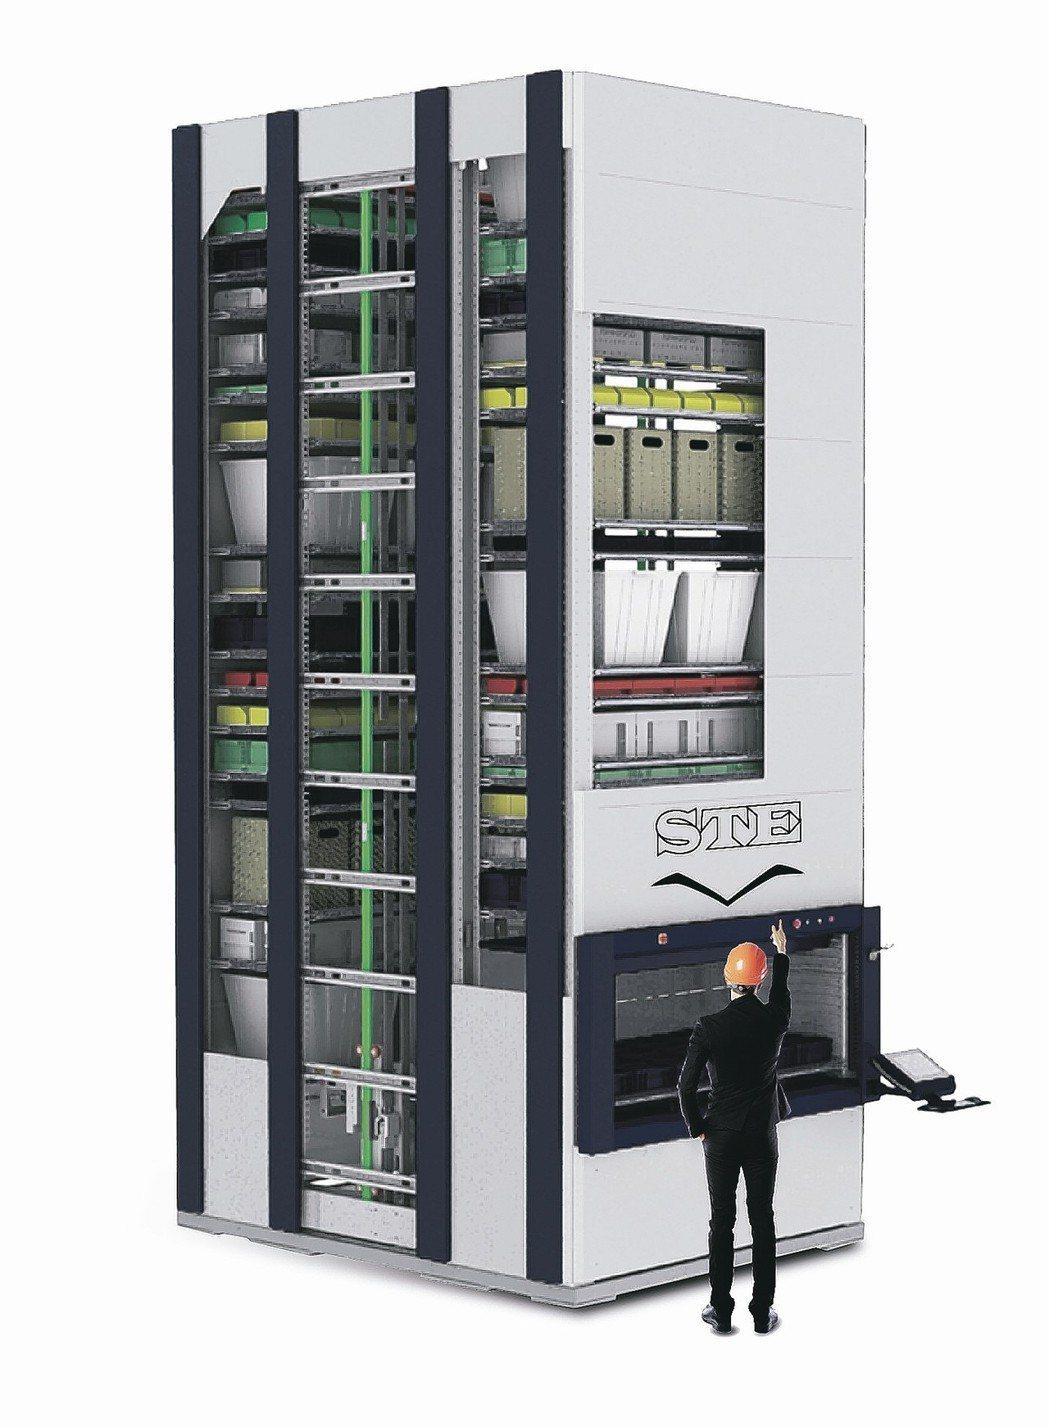 鈞曜垂直式智慧倉儲系統,是工業4.0時代倉儲效率提升方案,節省空間、揀貨快速、防...